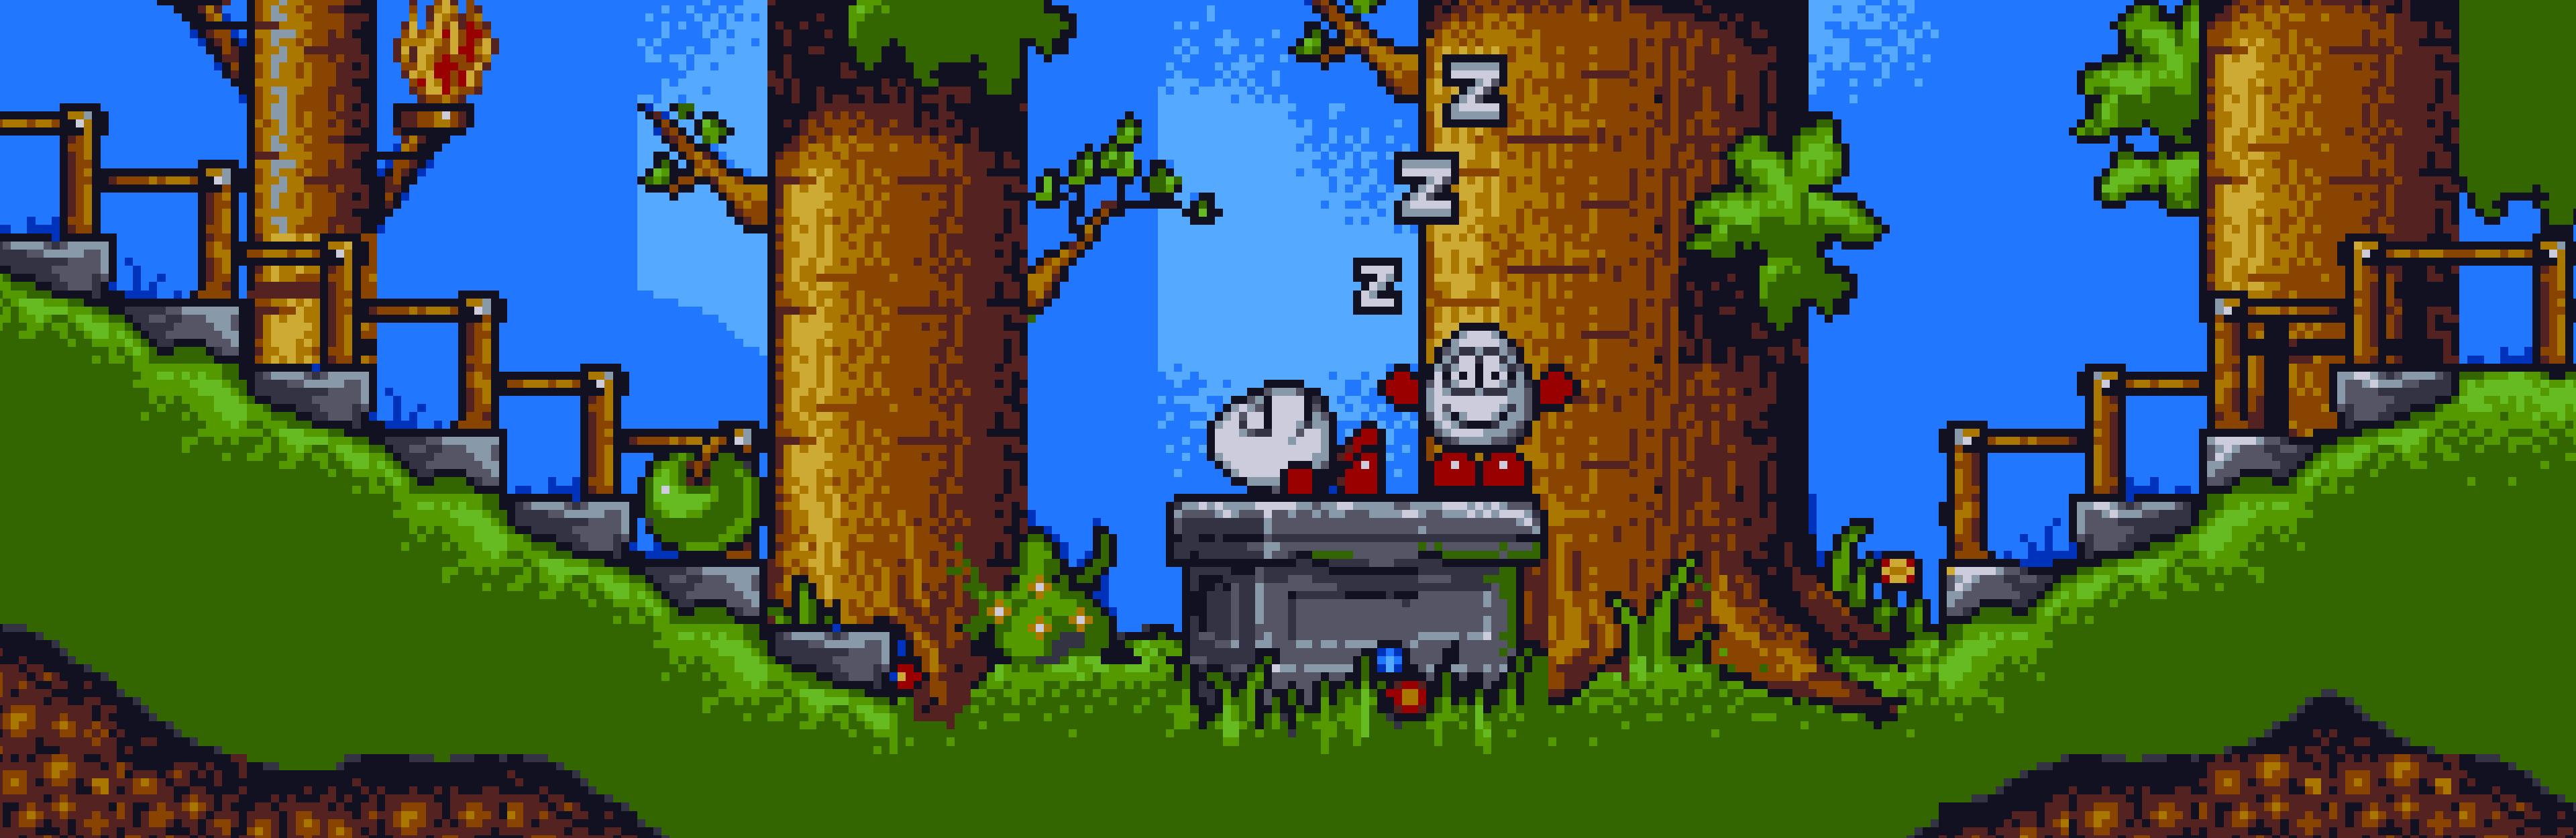 Dizzy sleeping in Magicland Dizzy